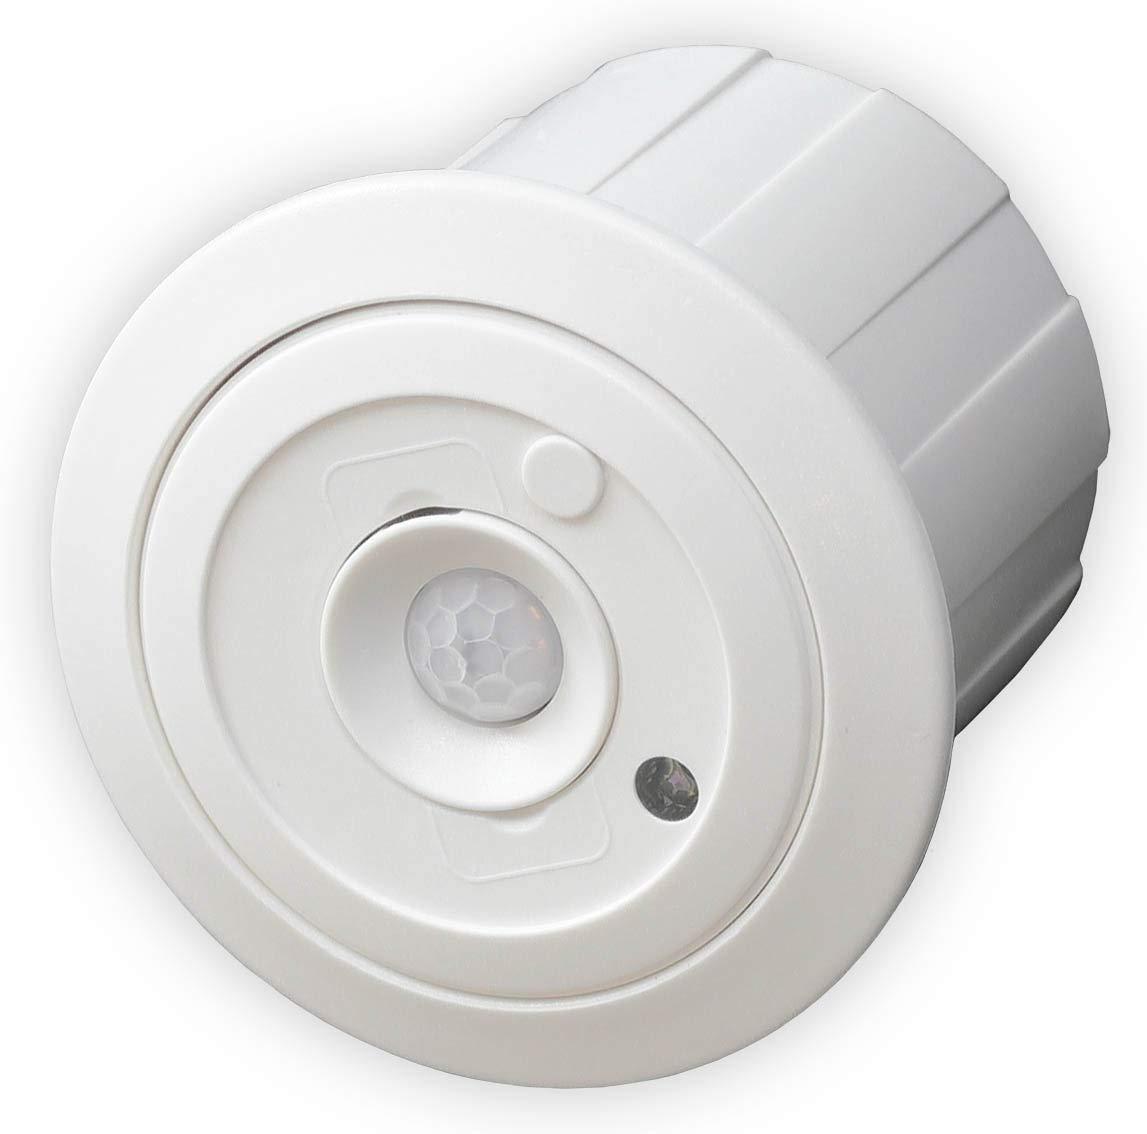 Detector de presencia ecos PM/24 V/5Si Master (Dim). Combi-sensor para la detección de presencia y de luz diurna de medición para la integración en ...